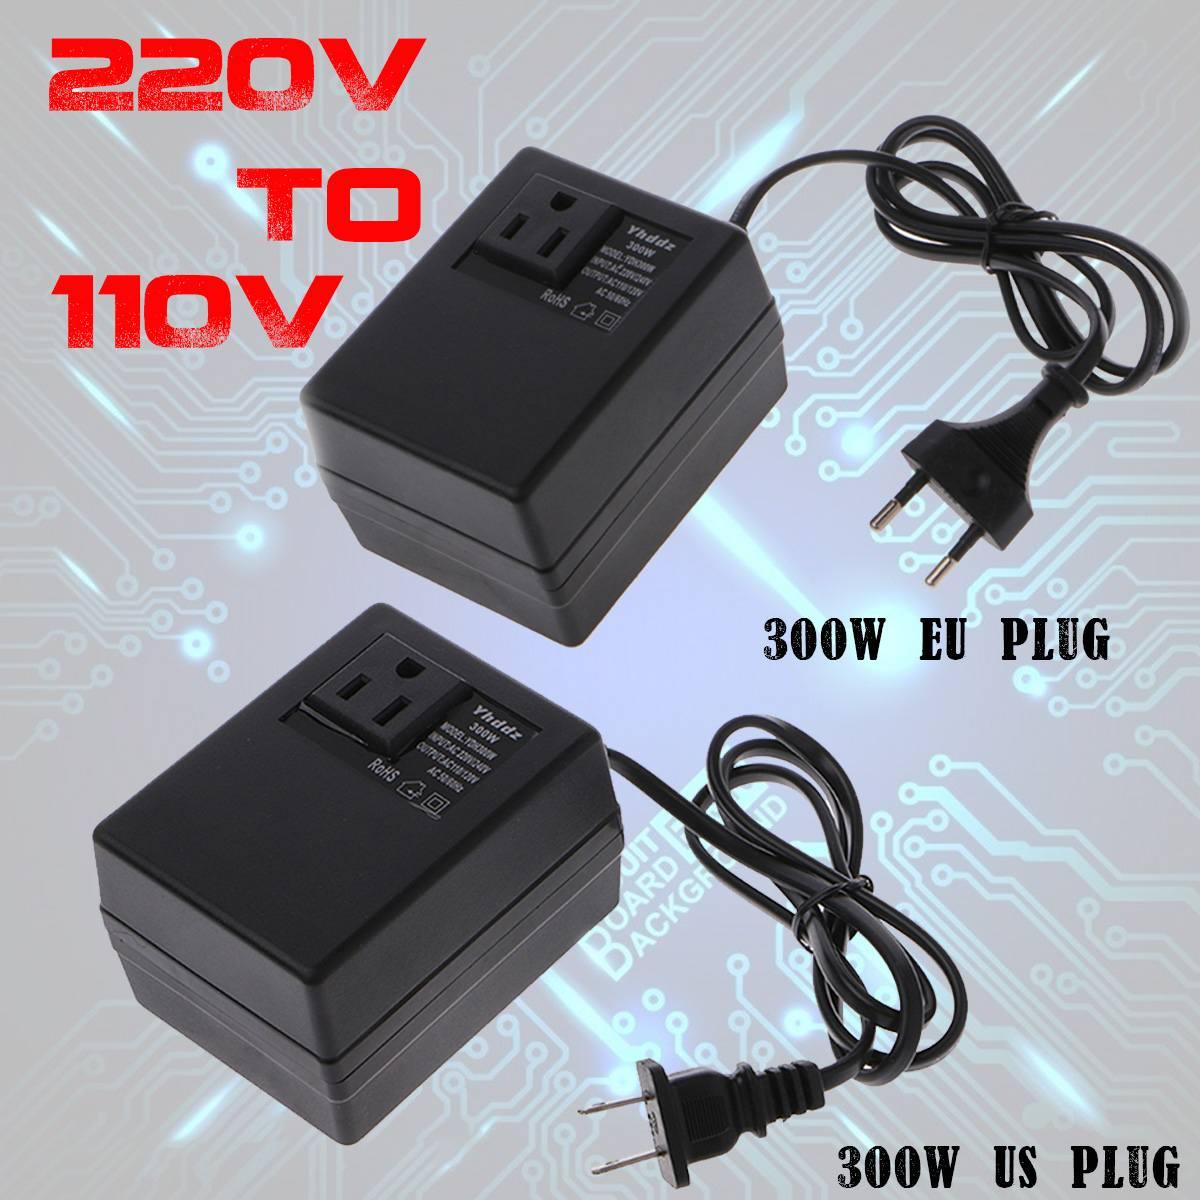 300 Watt Voltage Converter Transformer Step Down 220V To 110V  AC Step Down Travel Voltage Transformer Converter